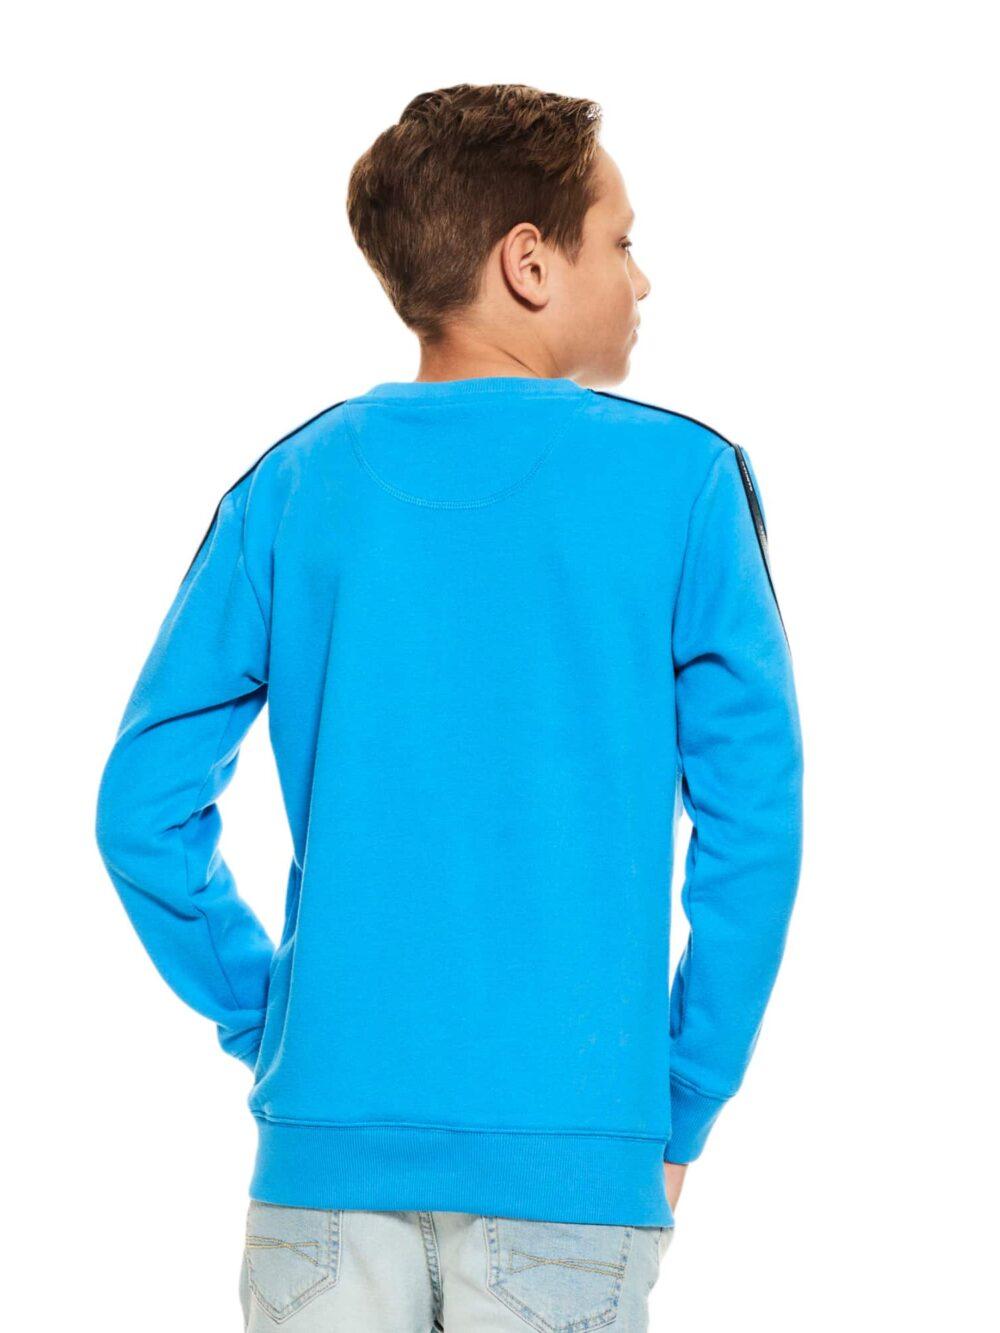 Garcia Sweatshirt P03660 Vivid Blue